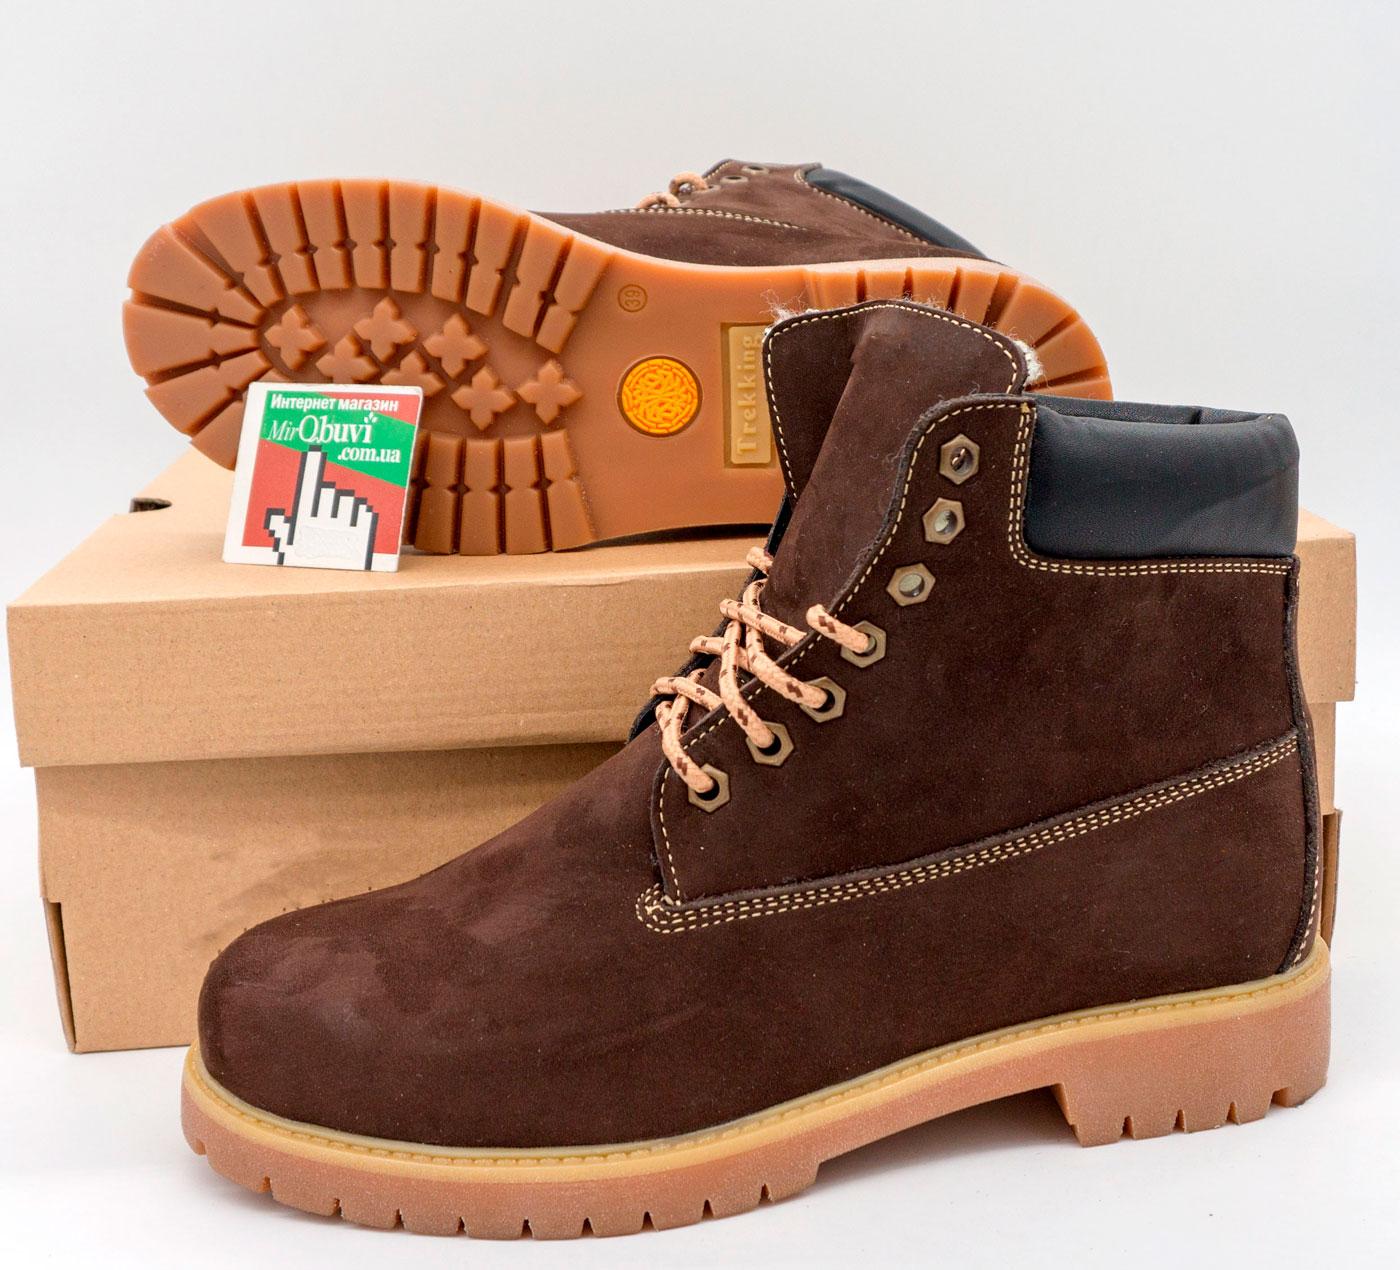 фото back Коричневые ботинки Реплика - Timberland 102 (сделано в Украине) back